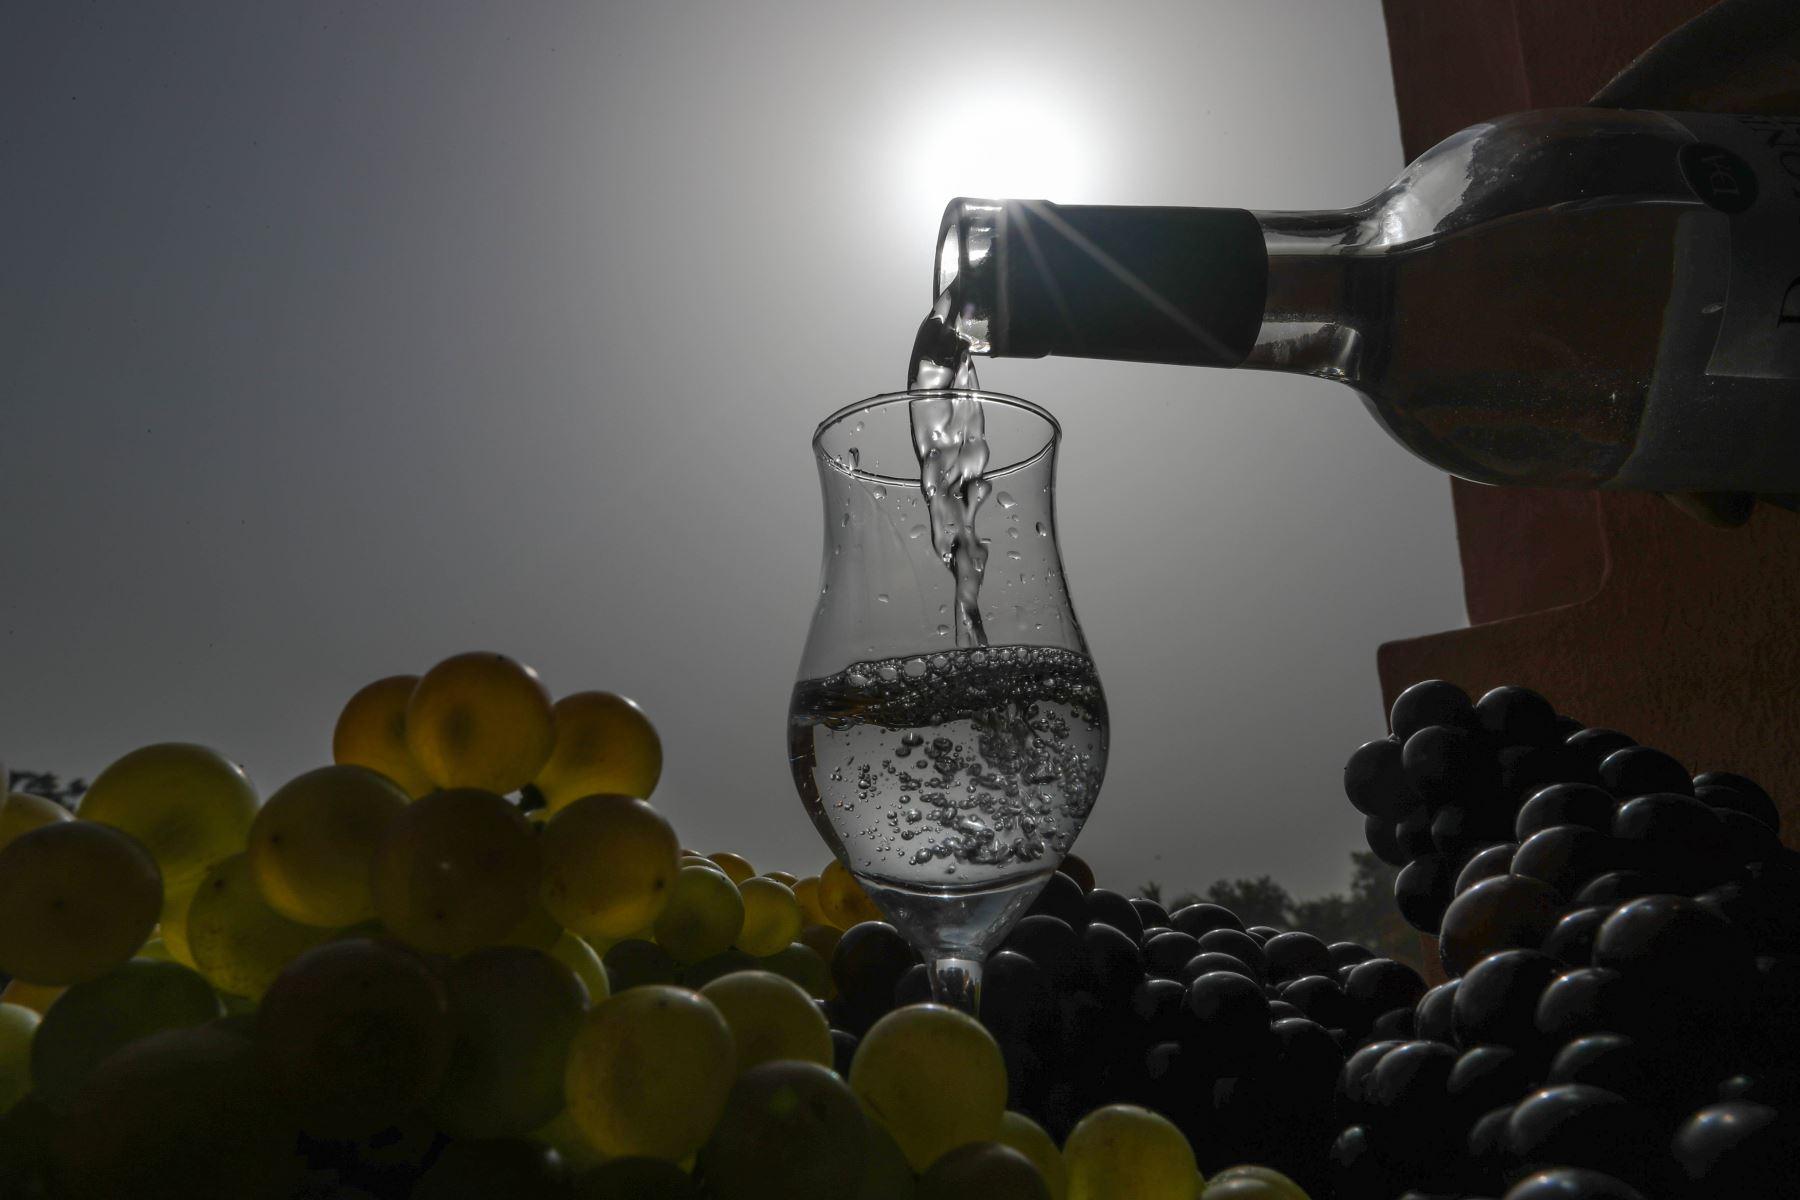 """El pisco es el destilado bandera del Perú. Y son ocho los tipos de uva con los que se produce el pisco en el Perú, reconocidas como """"uvas pisqueras"""", las cuales se dividen en dos grupos: aromática y no aromática.  ANDINA/Jack Ramón"""